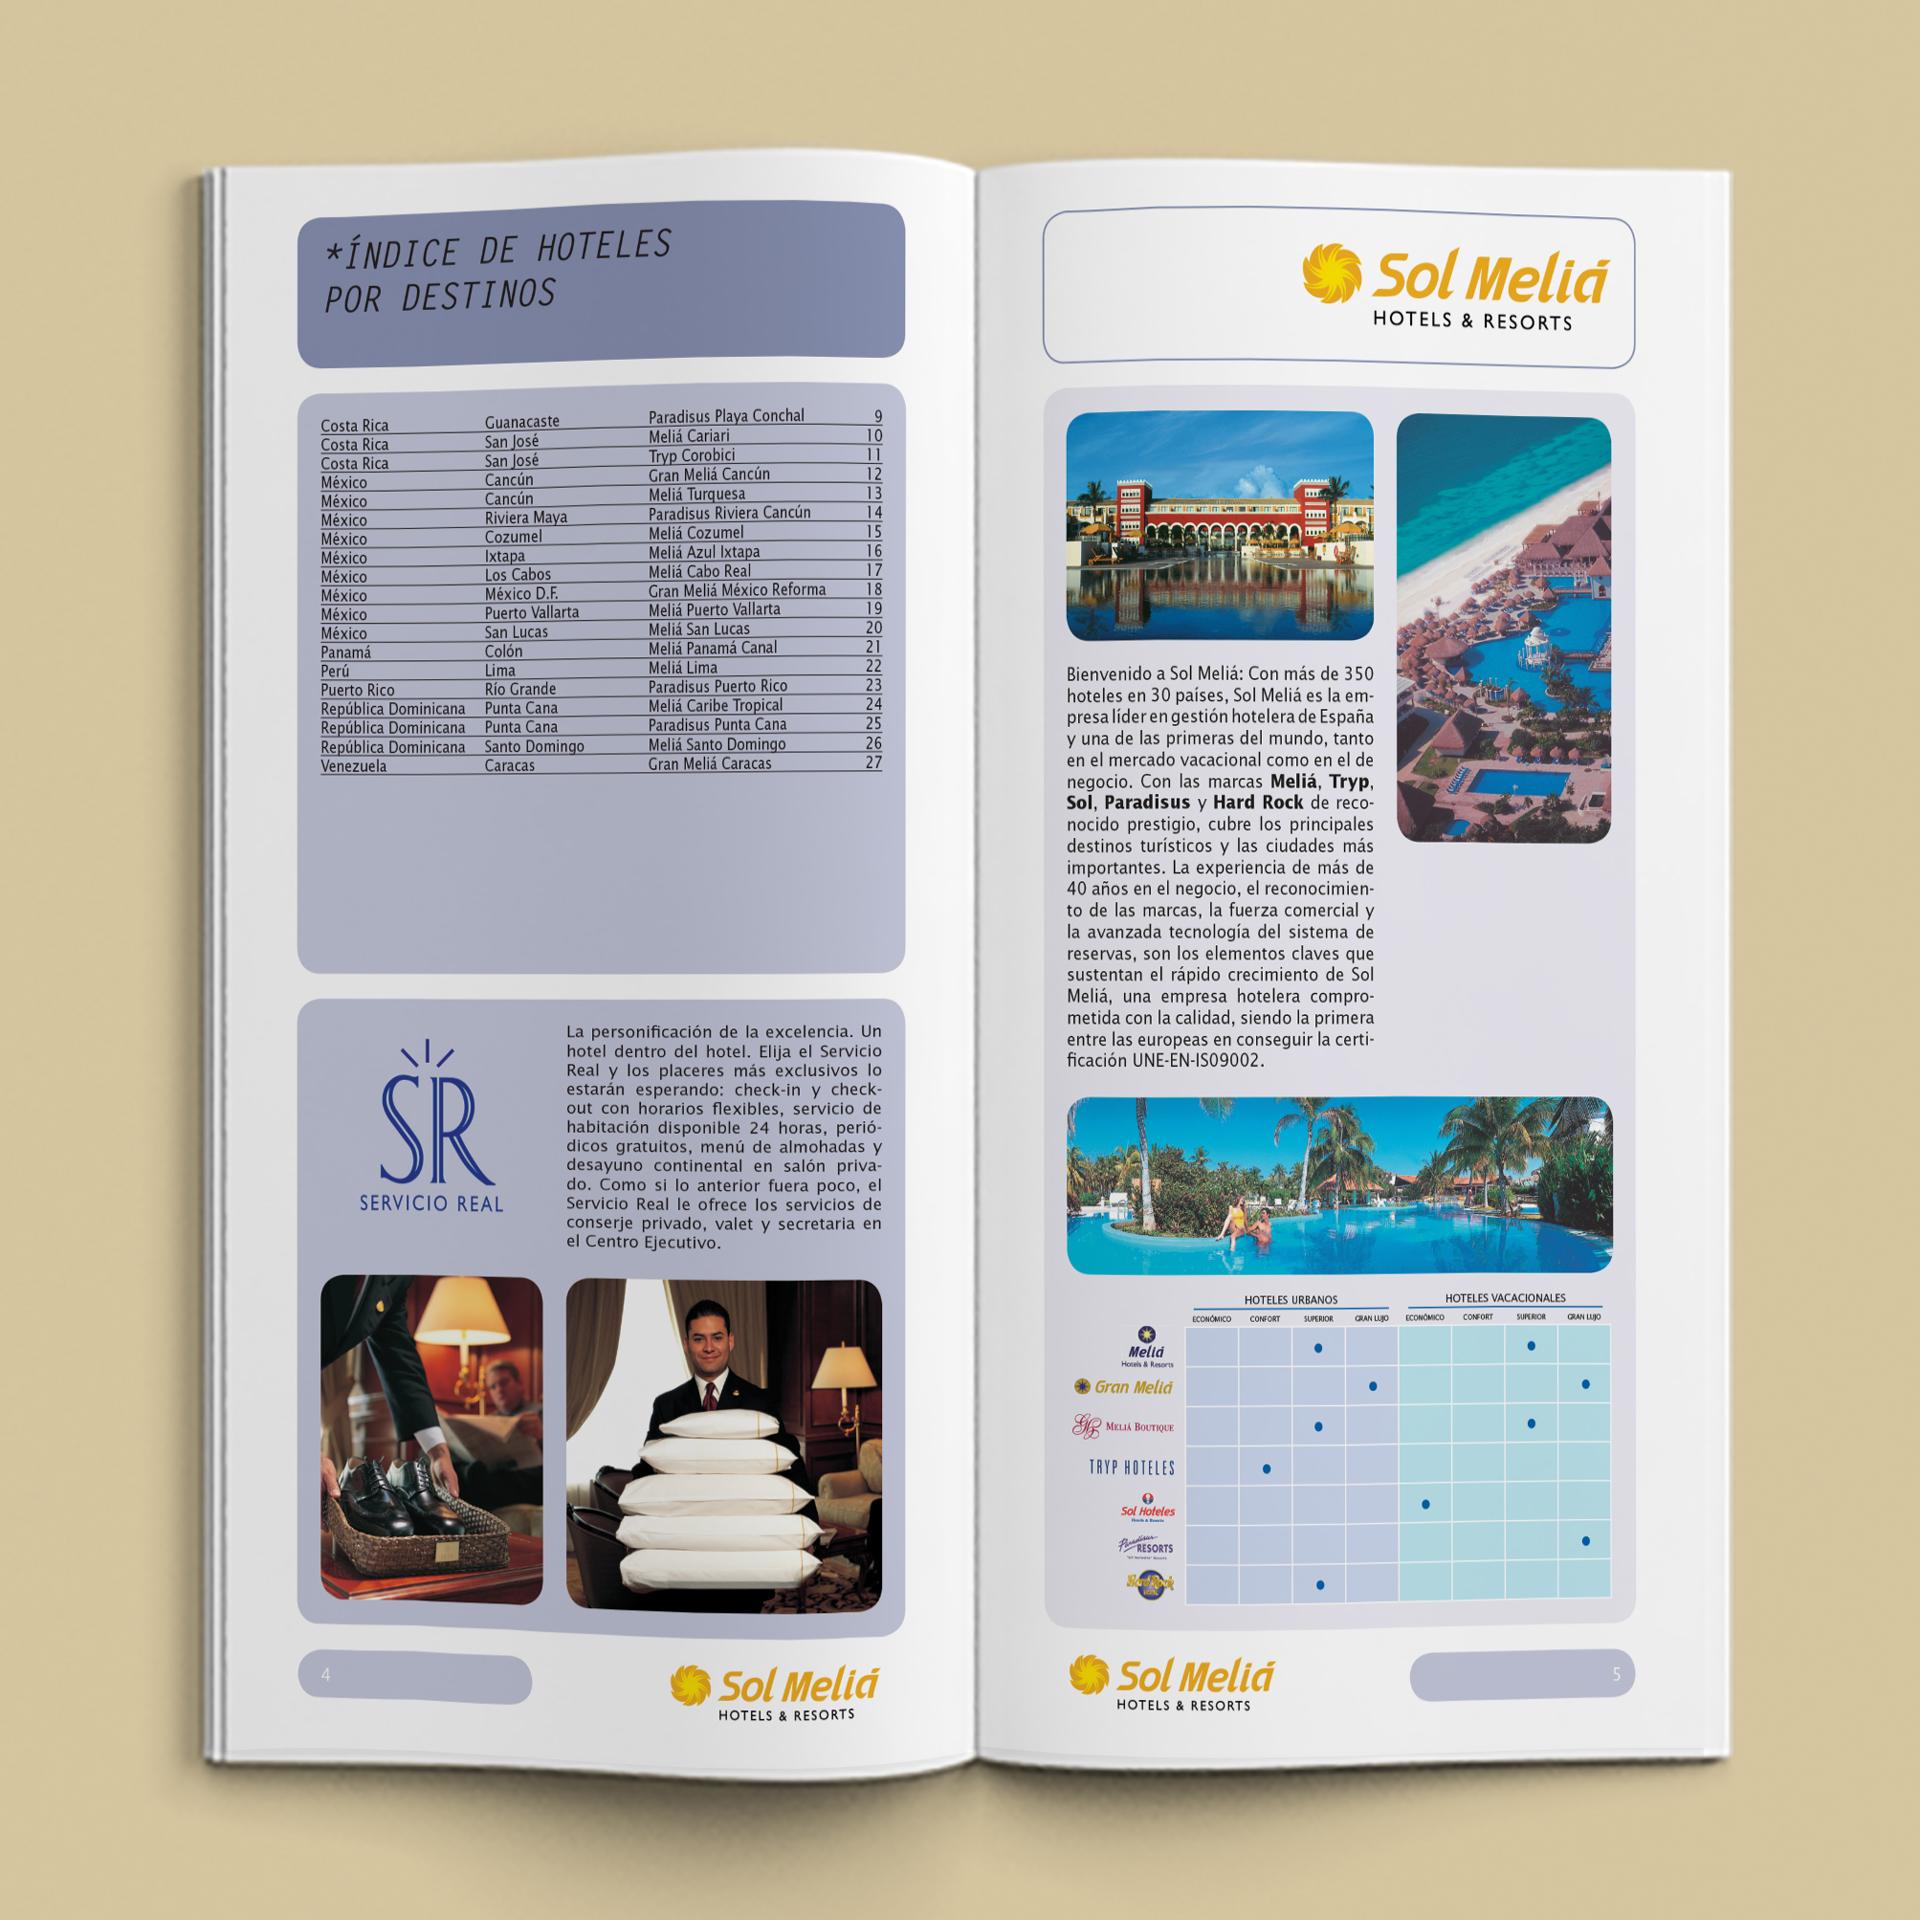 Catálogo de Bolsillo Hoteles & Resorts Sol Meliá - Cielos Abiertos